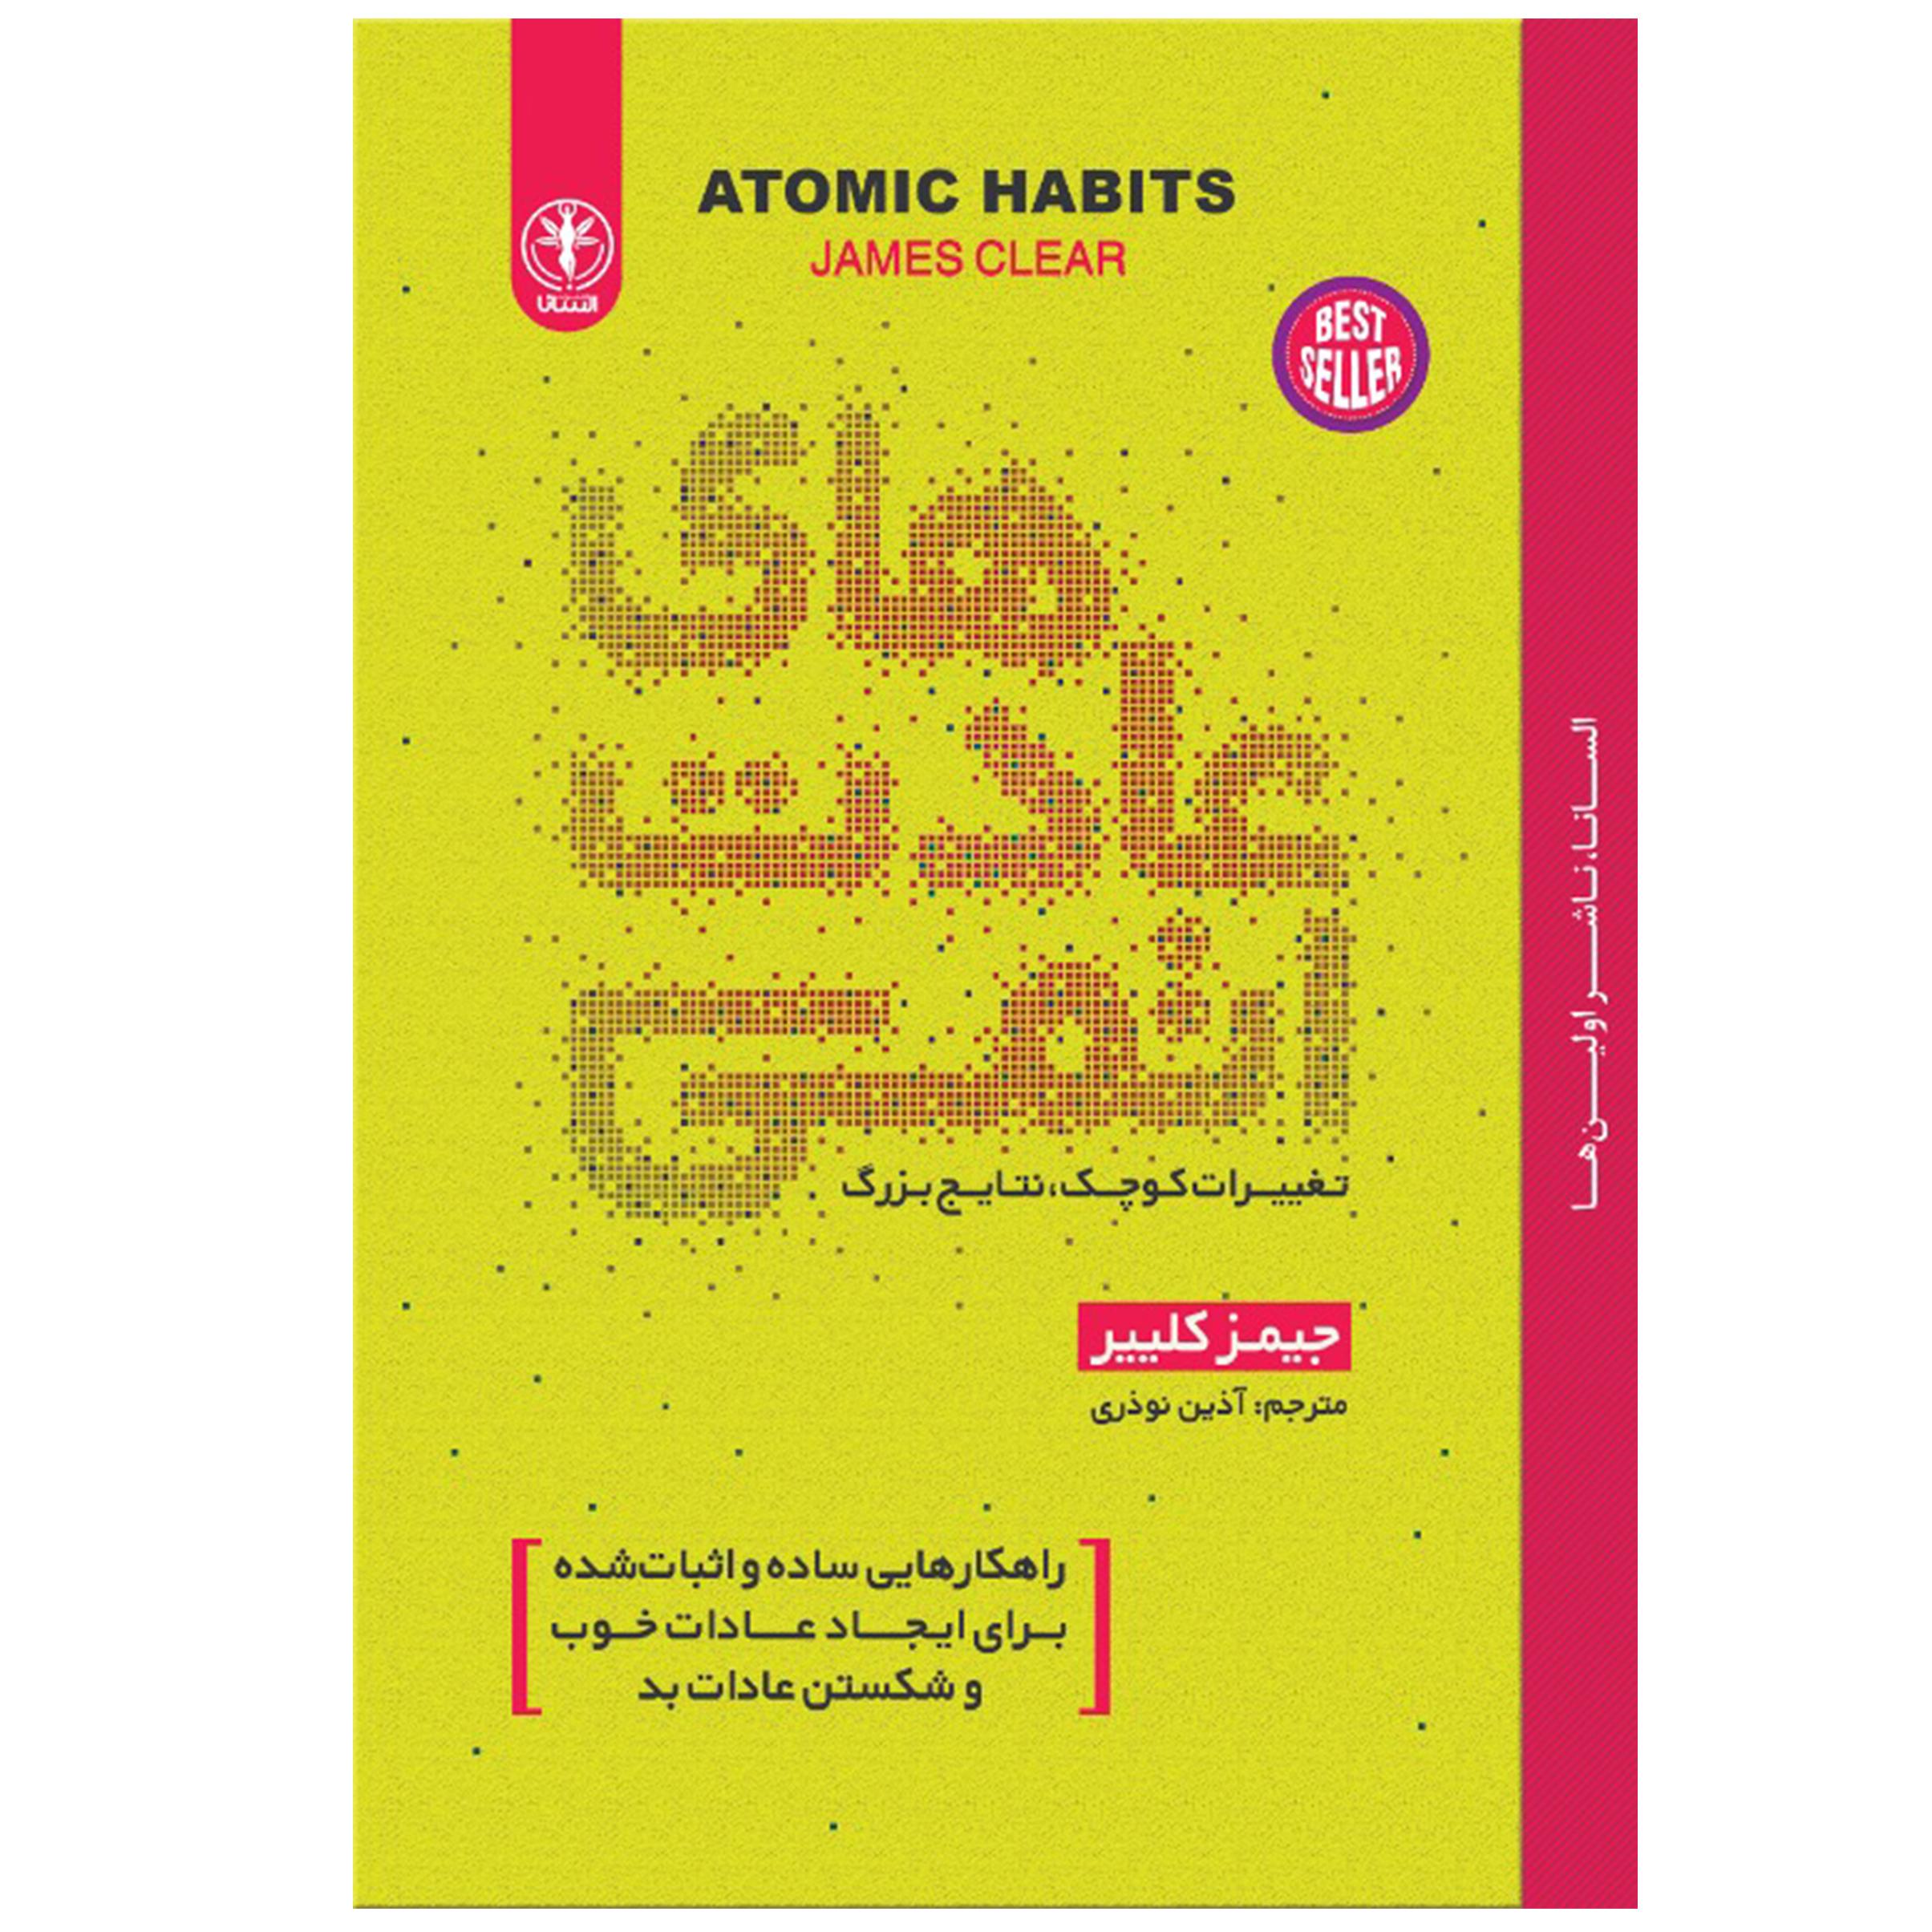 کتاب عادت های اتمی اثر جیمز کلییر نشر السانا